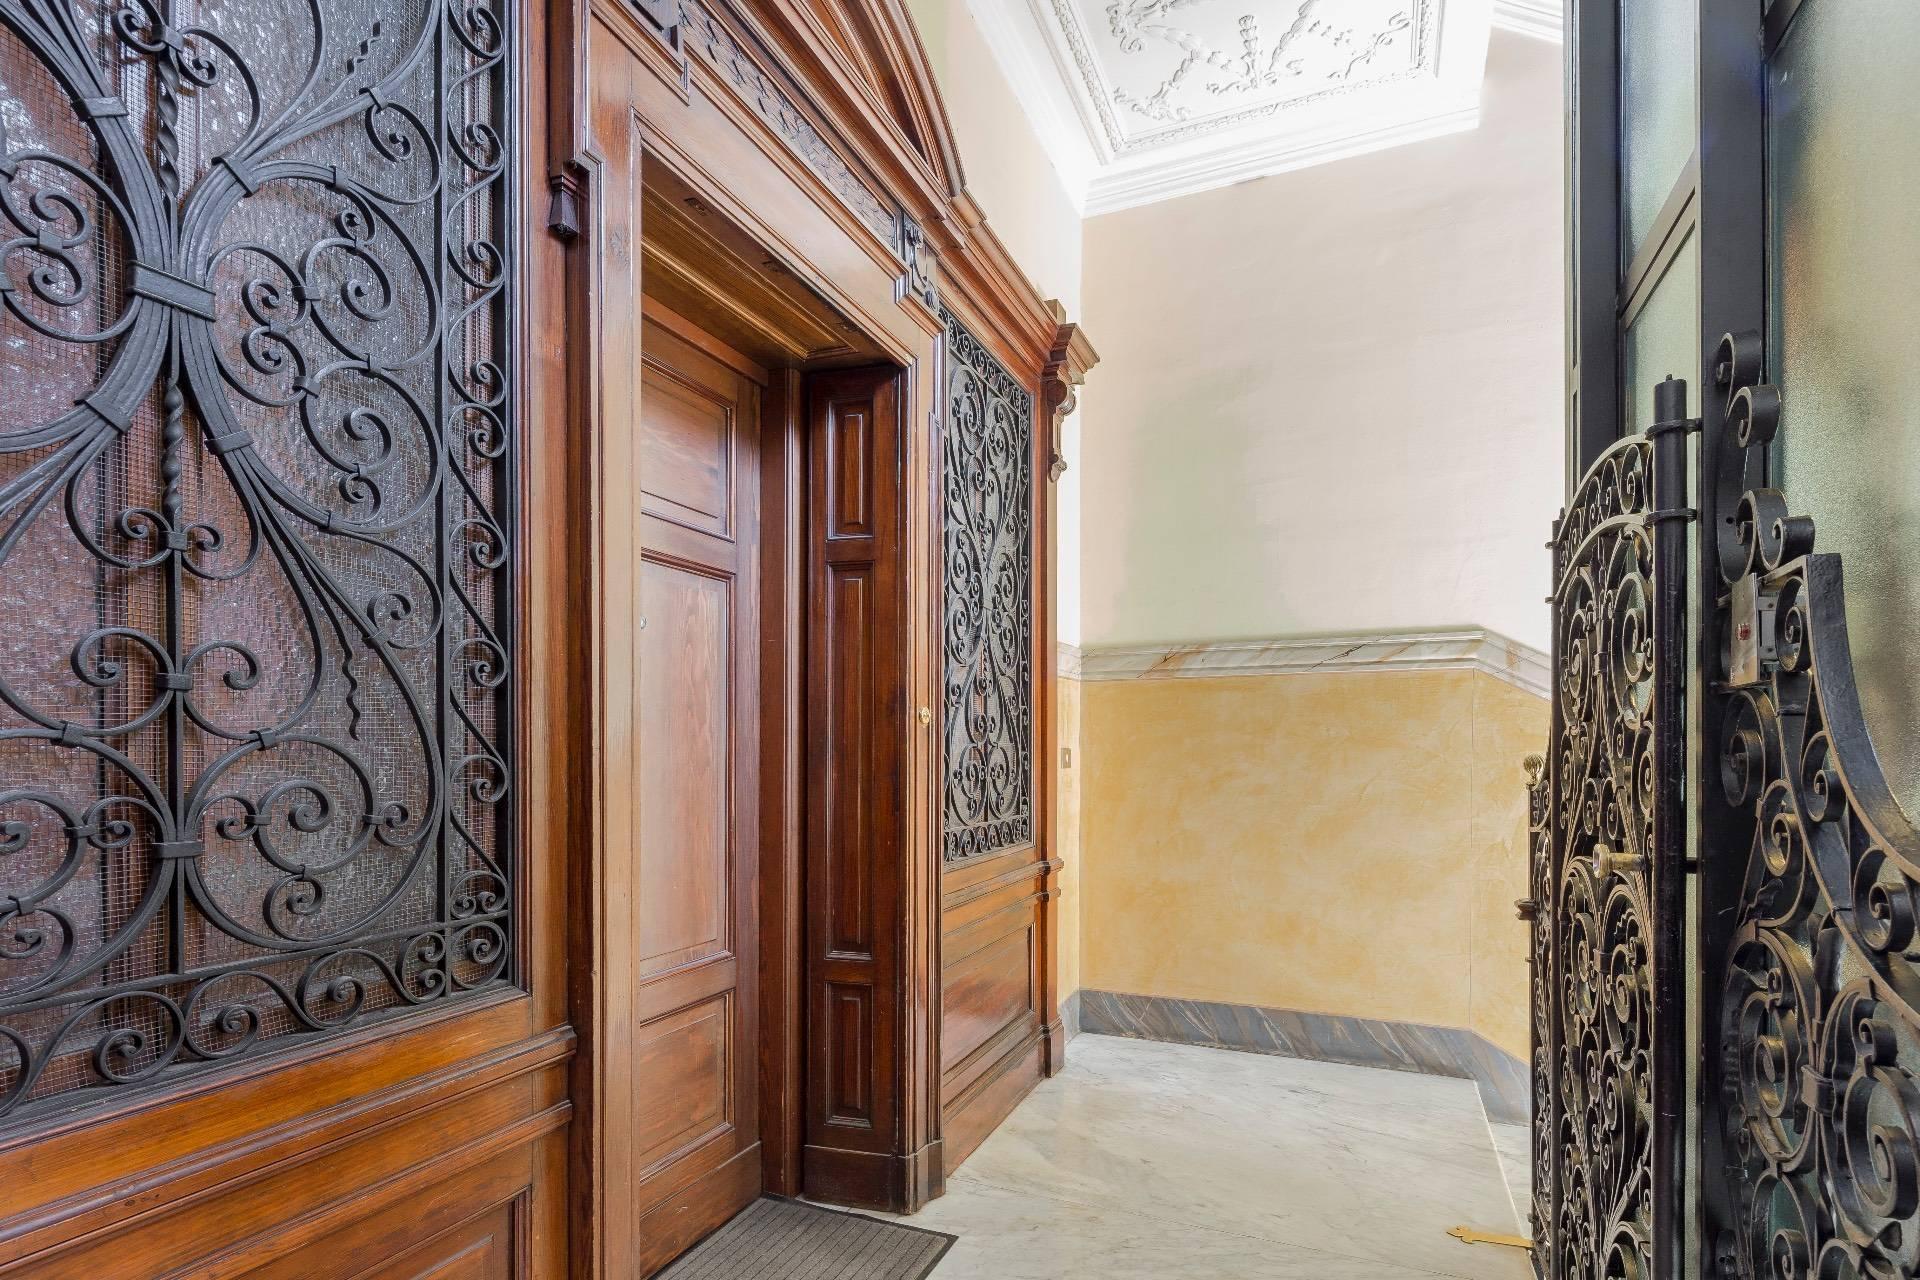 Elegante Wohnung im antiken Palast - 16